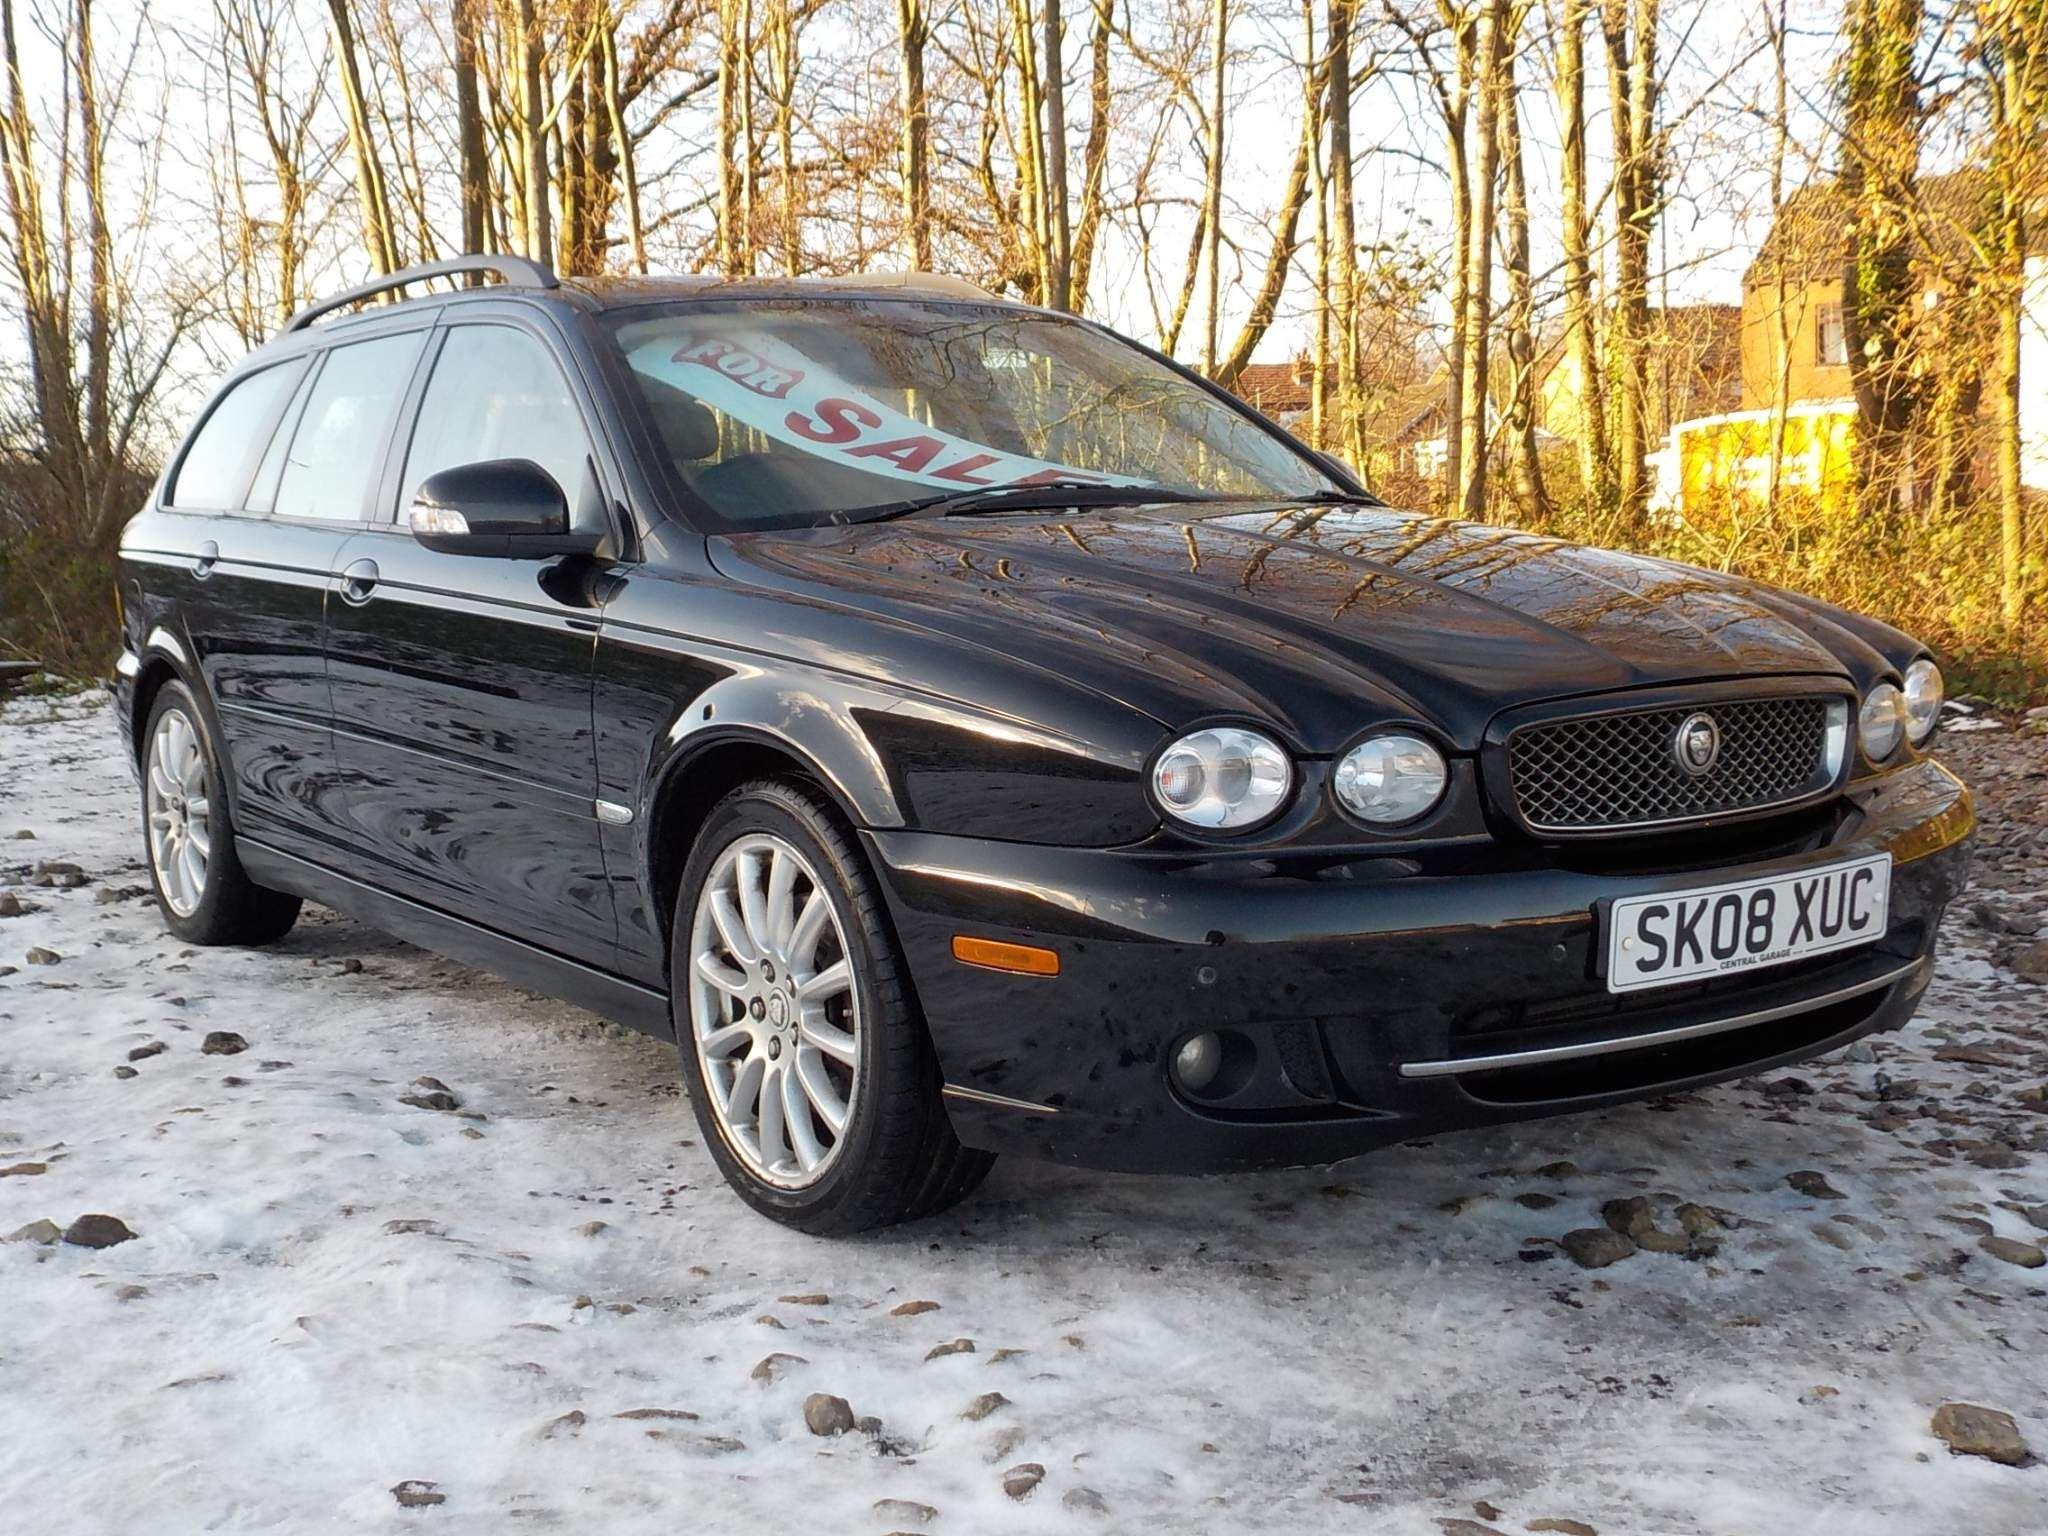 Jaguar X-Type 2.0 D S 5dr